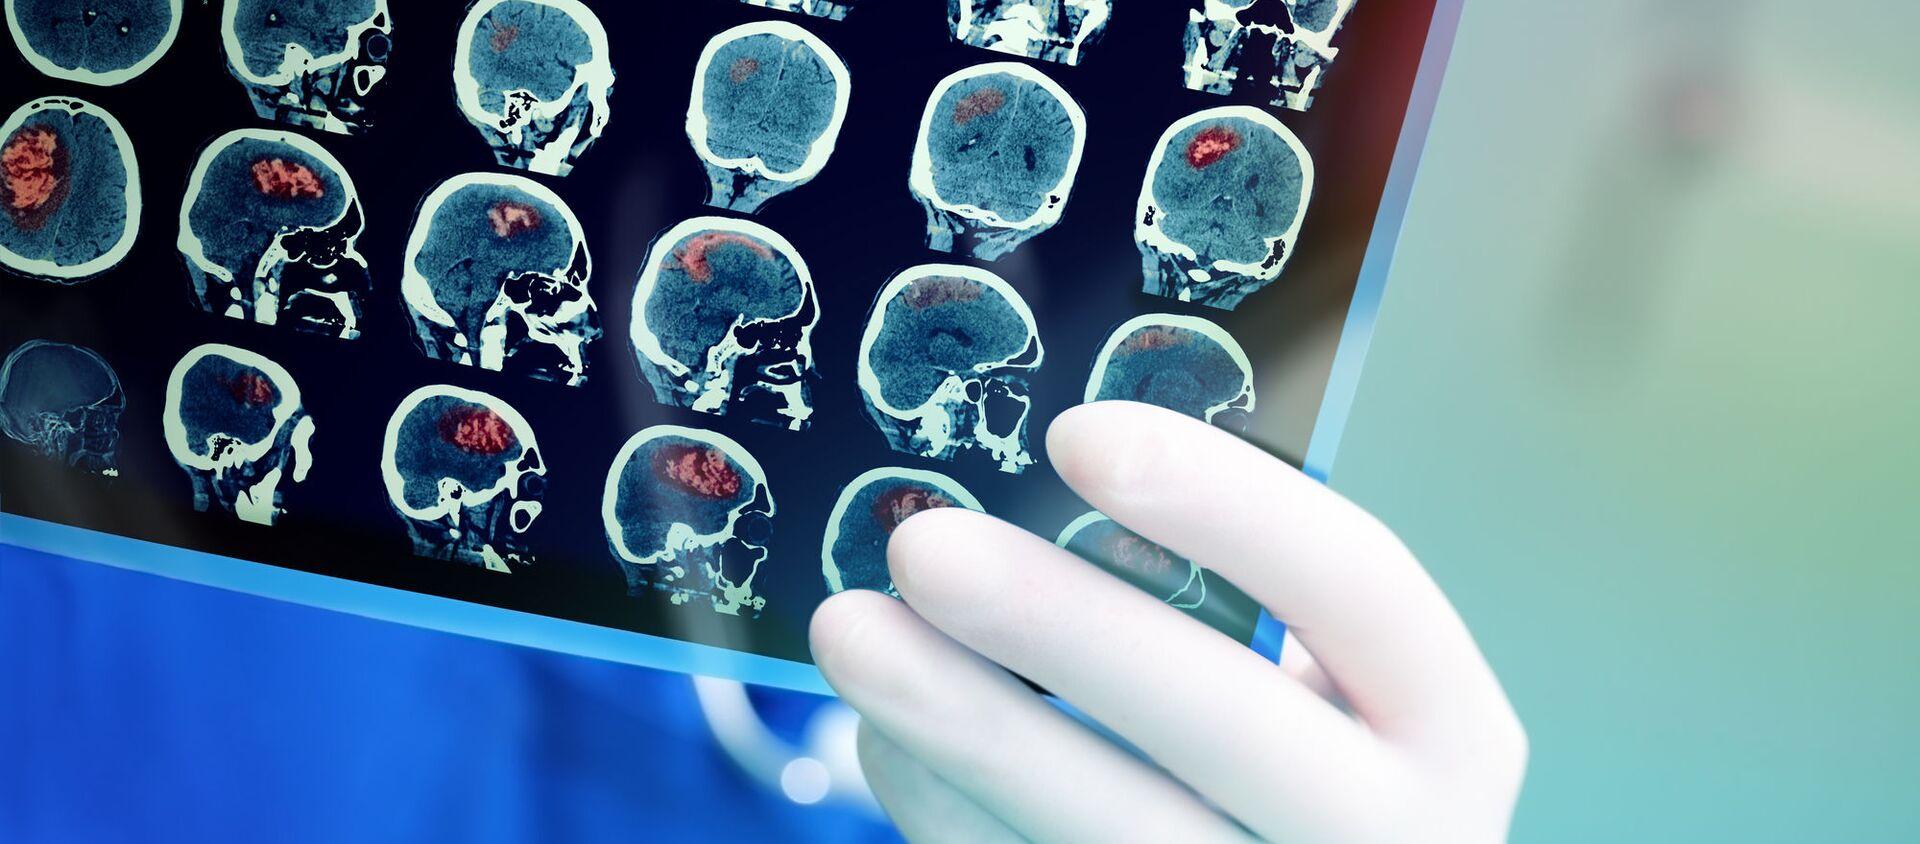 脳のMRI - Sputnik 日本, 1920, 07.06.2021